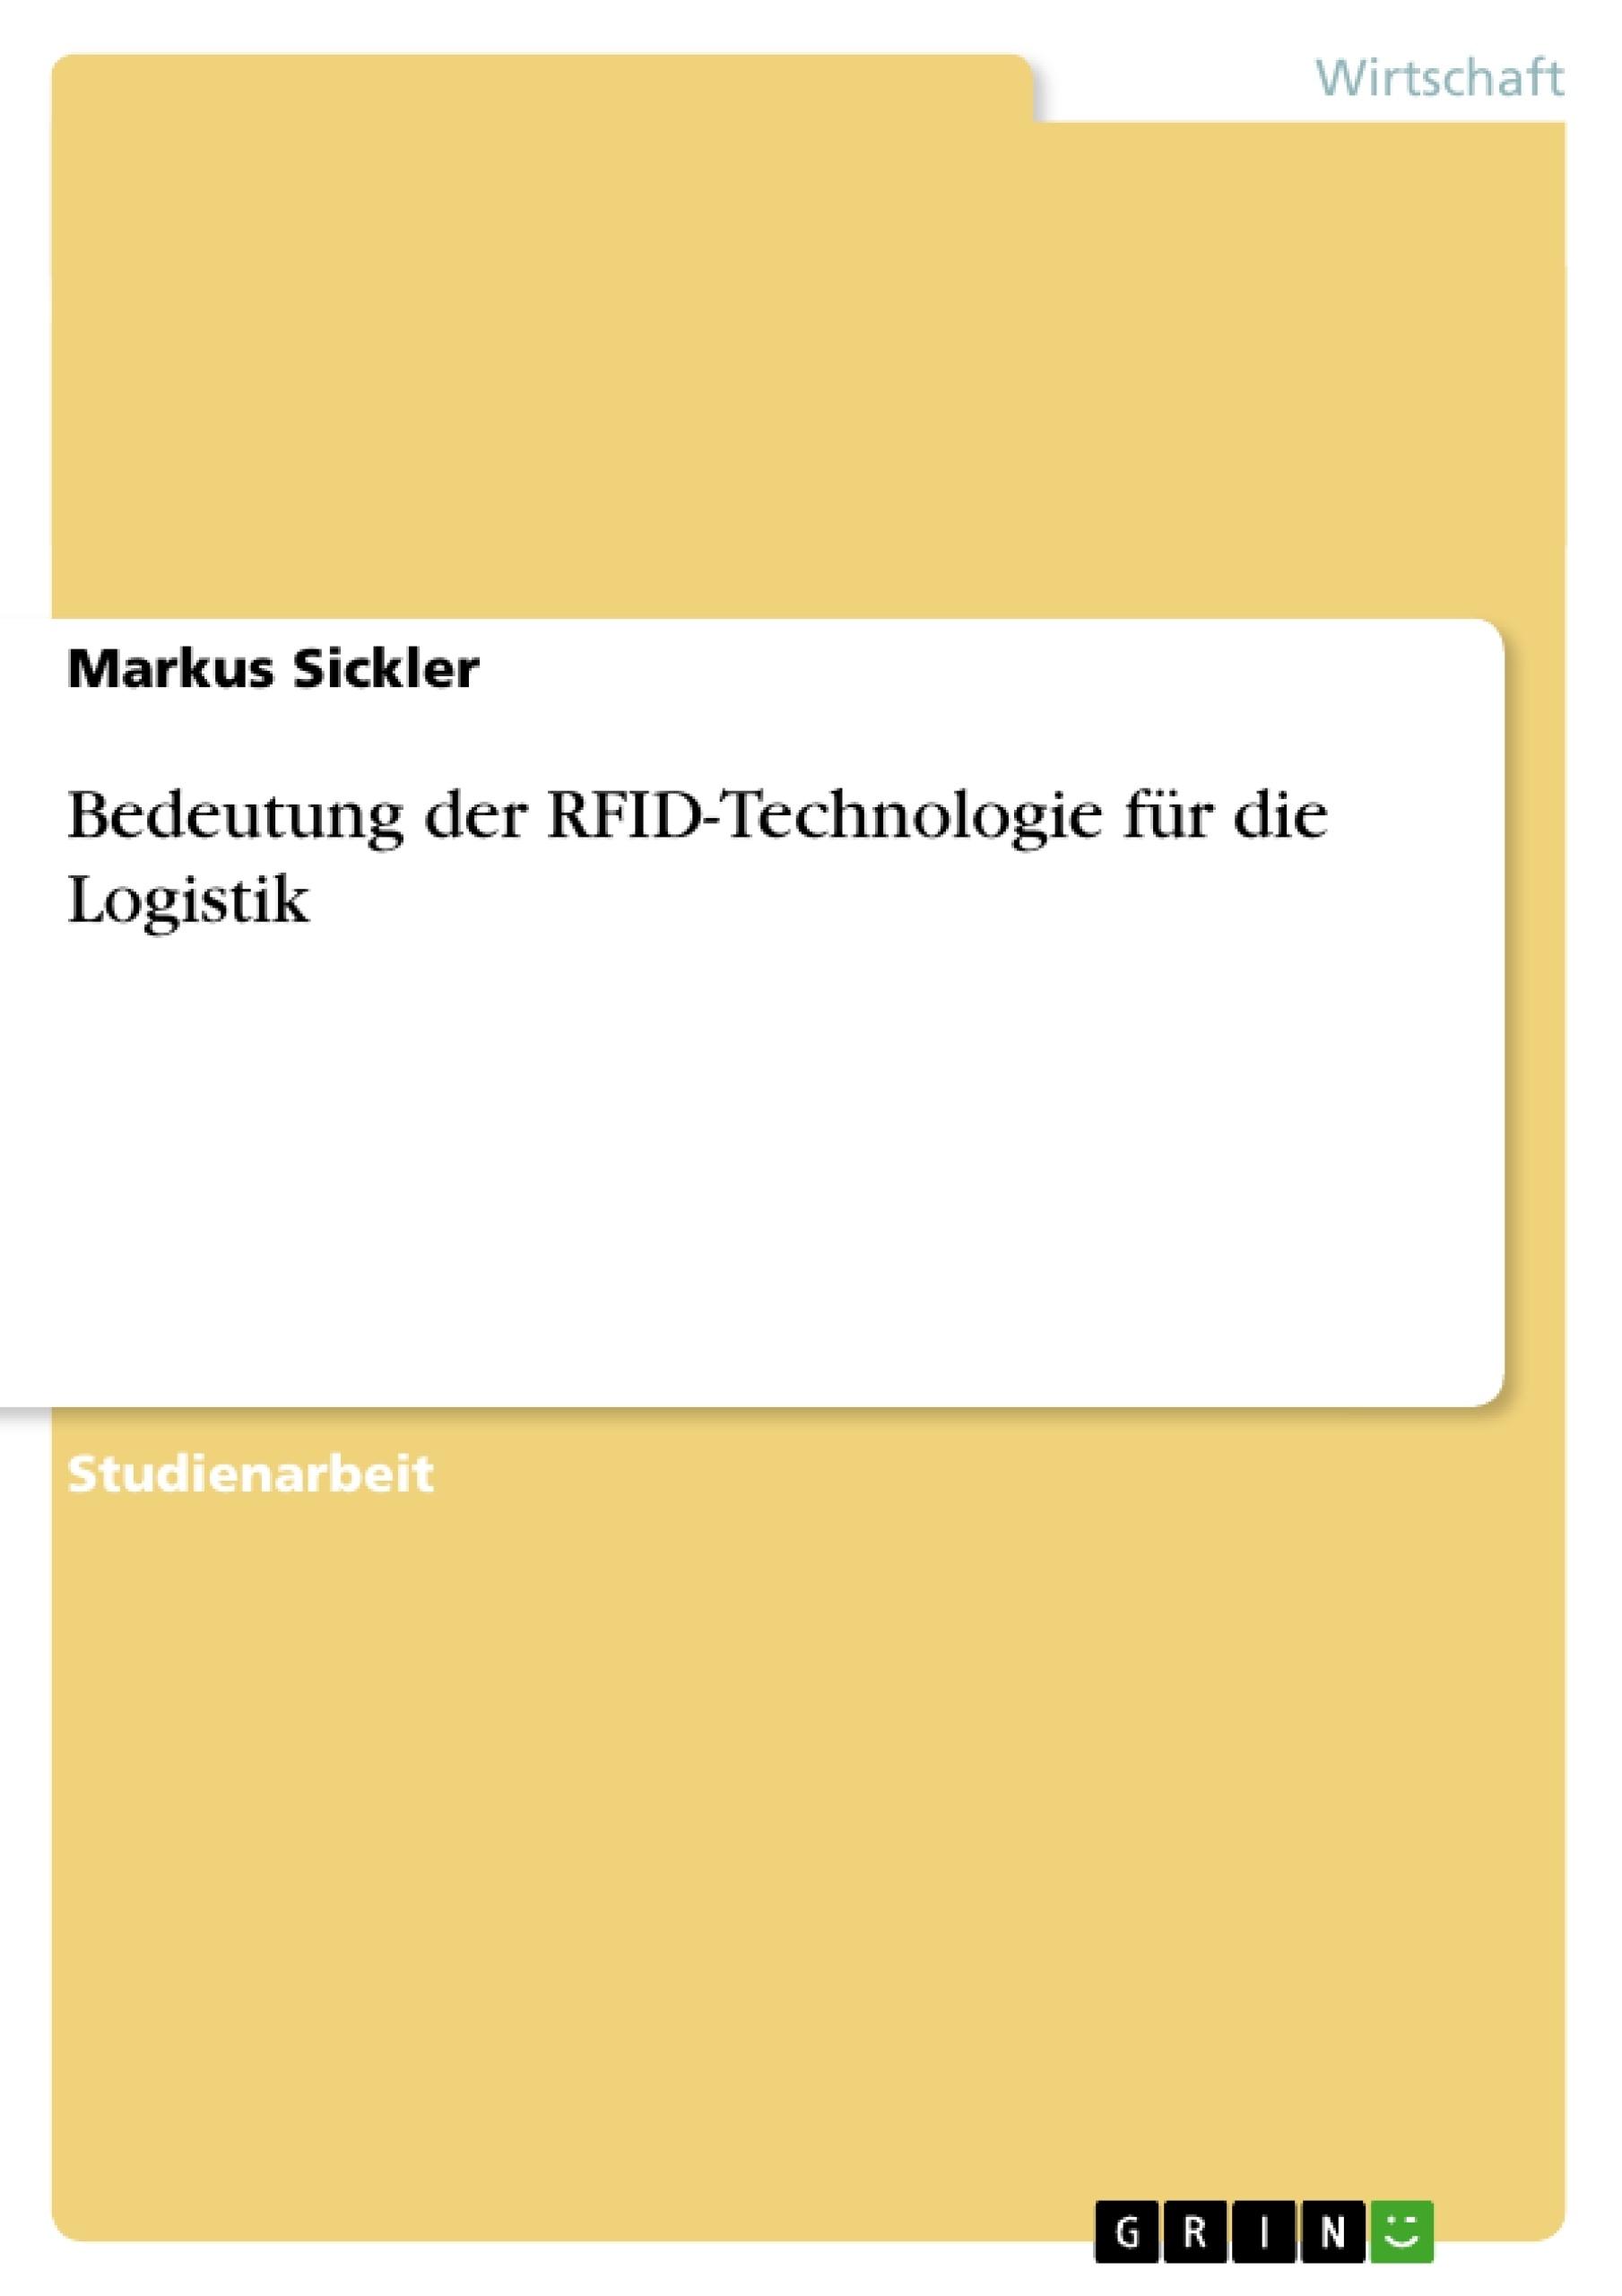 Titel: Bedeutung der RFID-Technologie für die Logistik